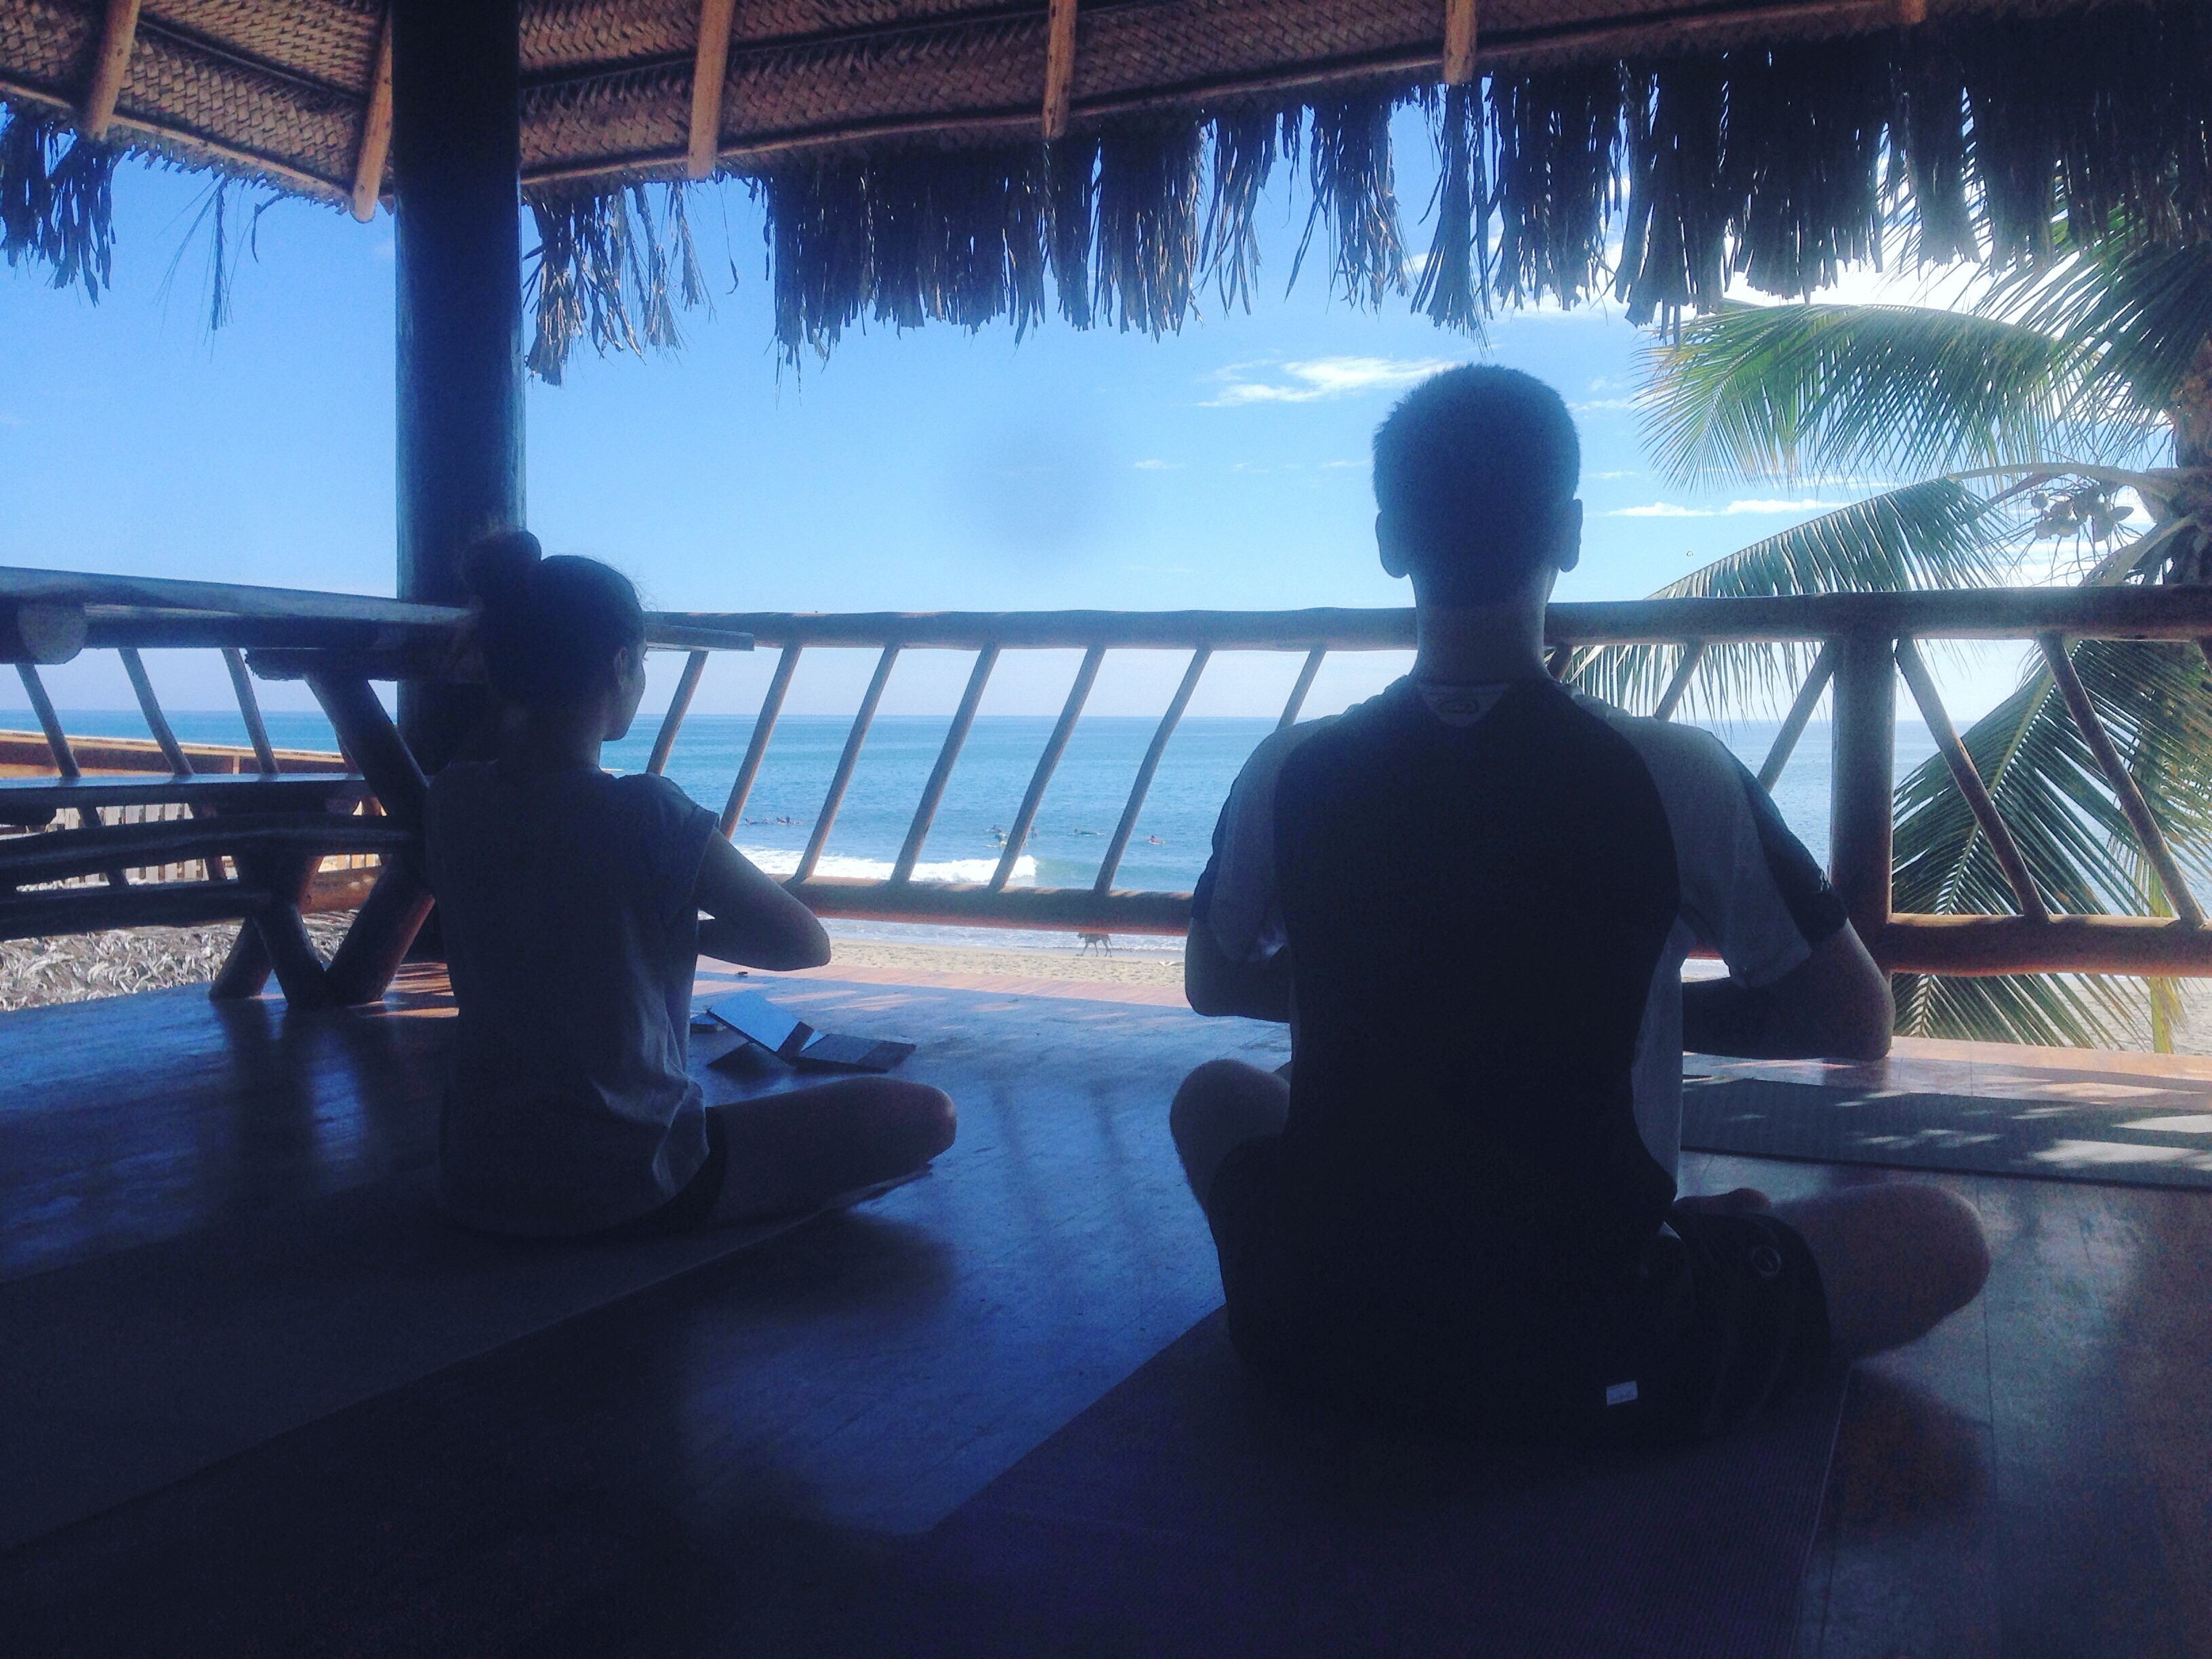 Webandsun Yoga mancora hatha